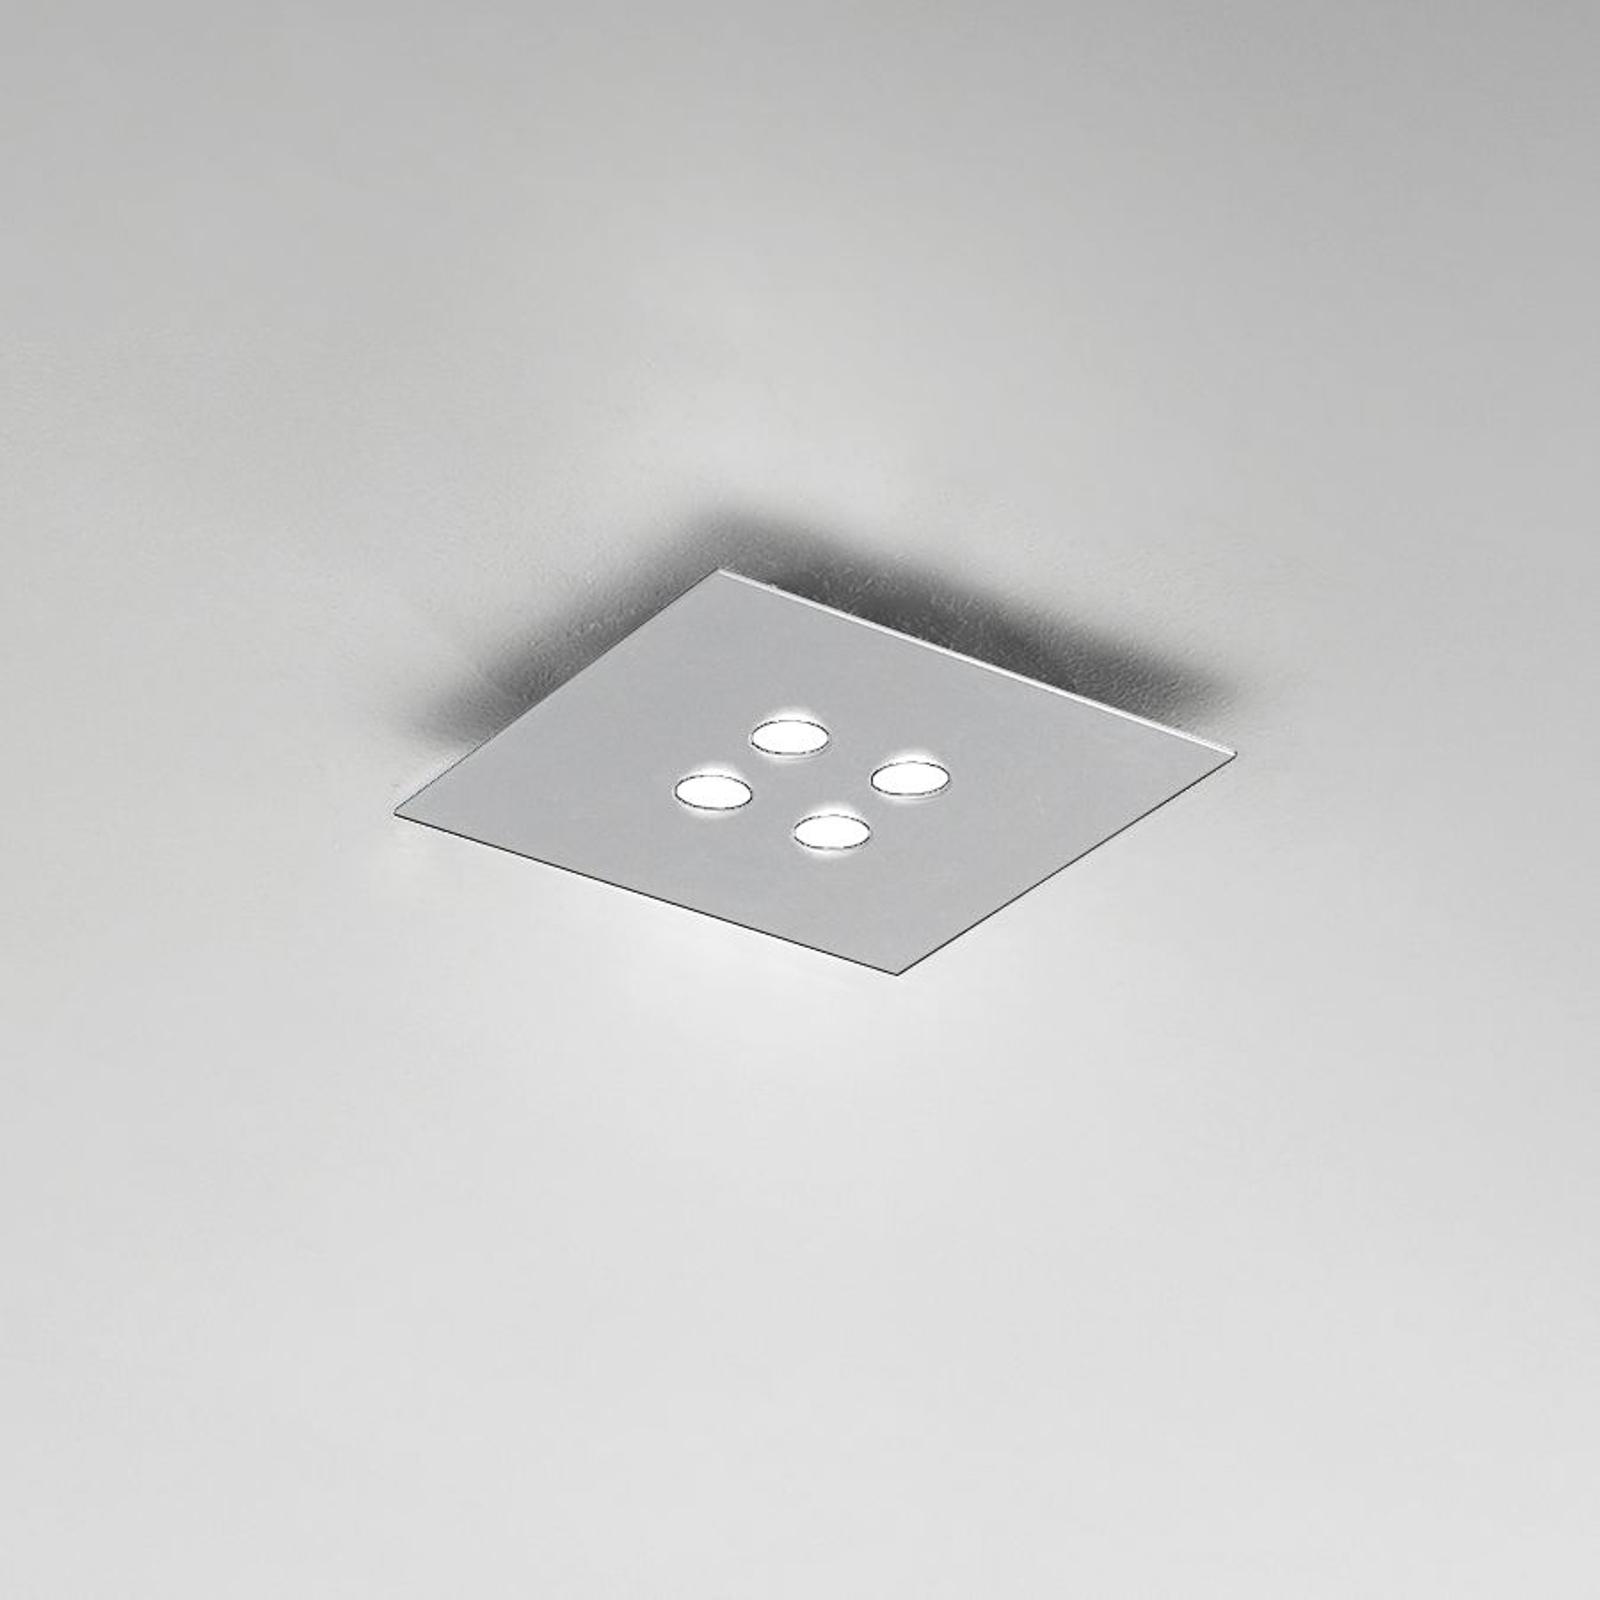 ICONE Slim - LED-Deckenleuchte 4-fl. weiß